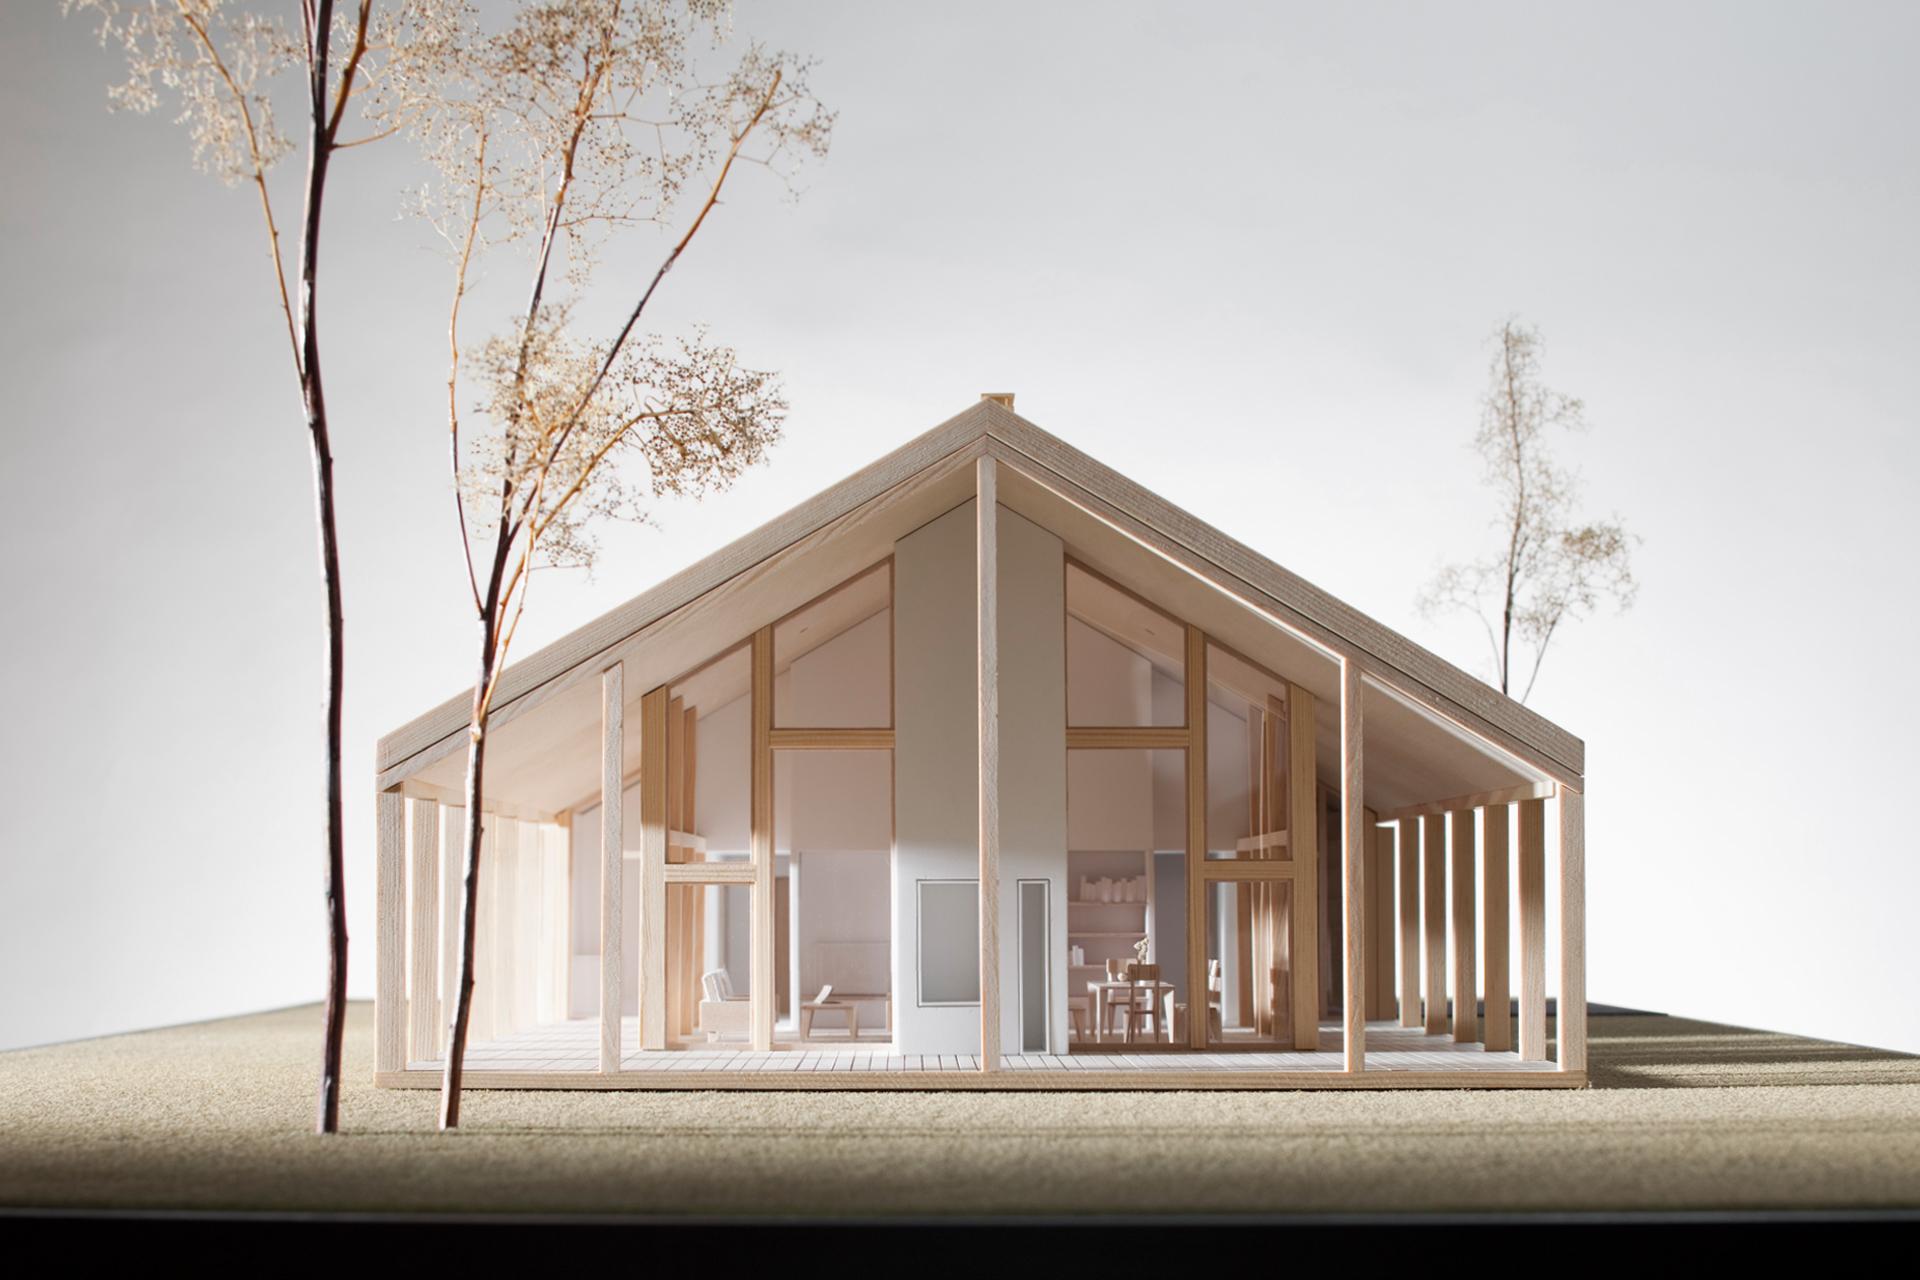 onimo-makiety-architektoniczne-PAG-forest-01